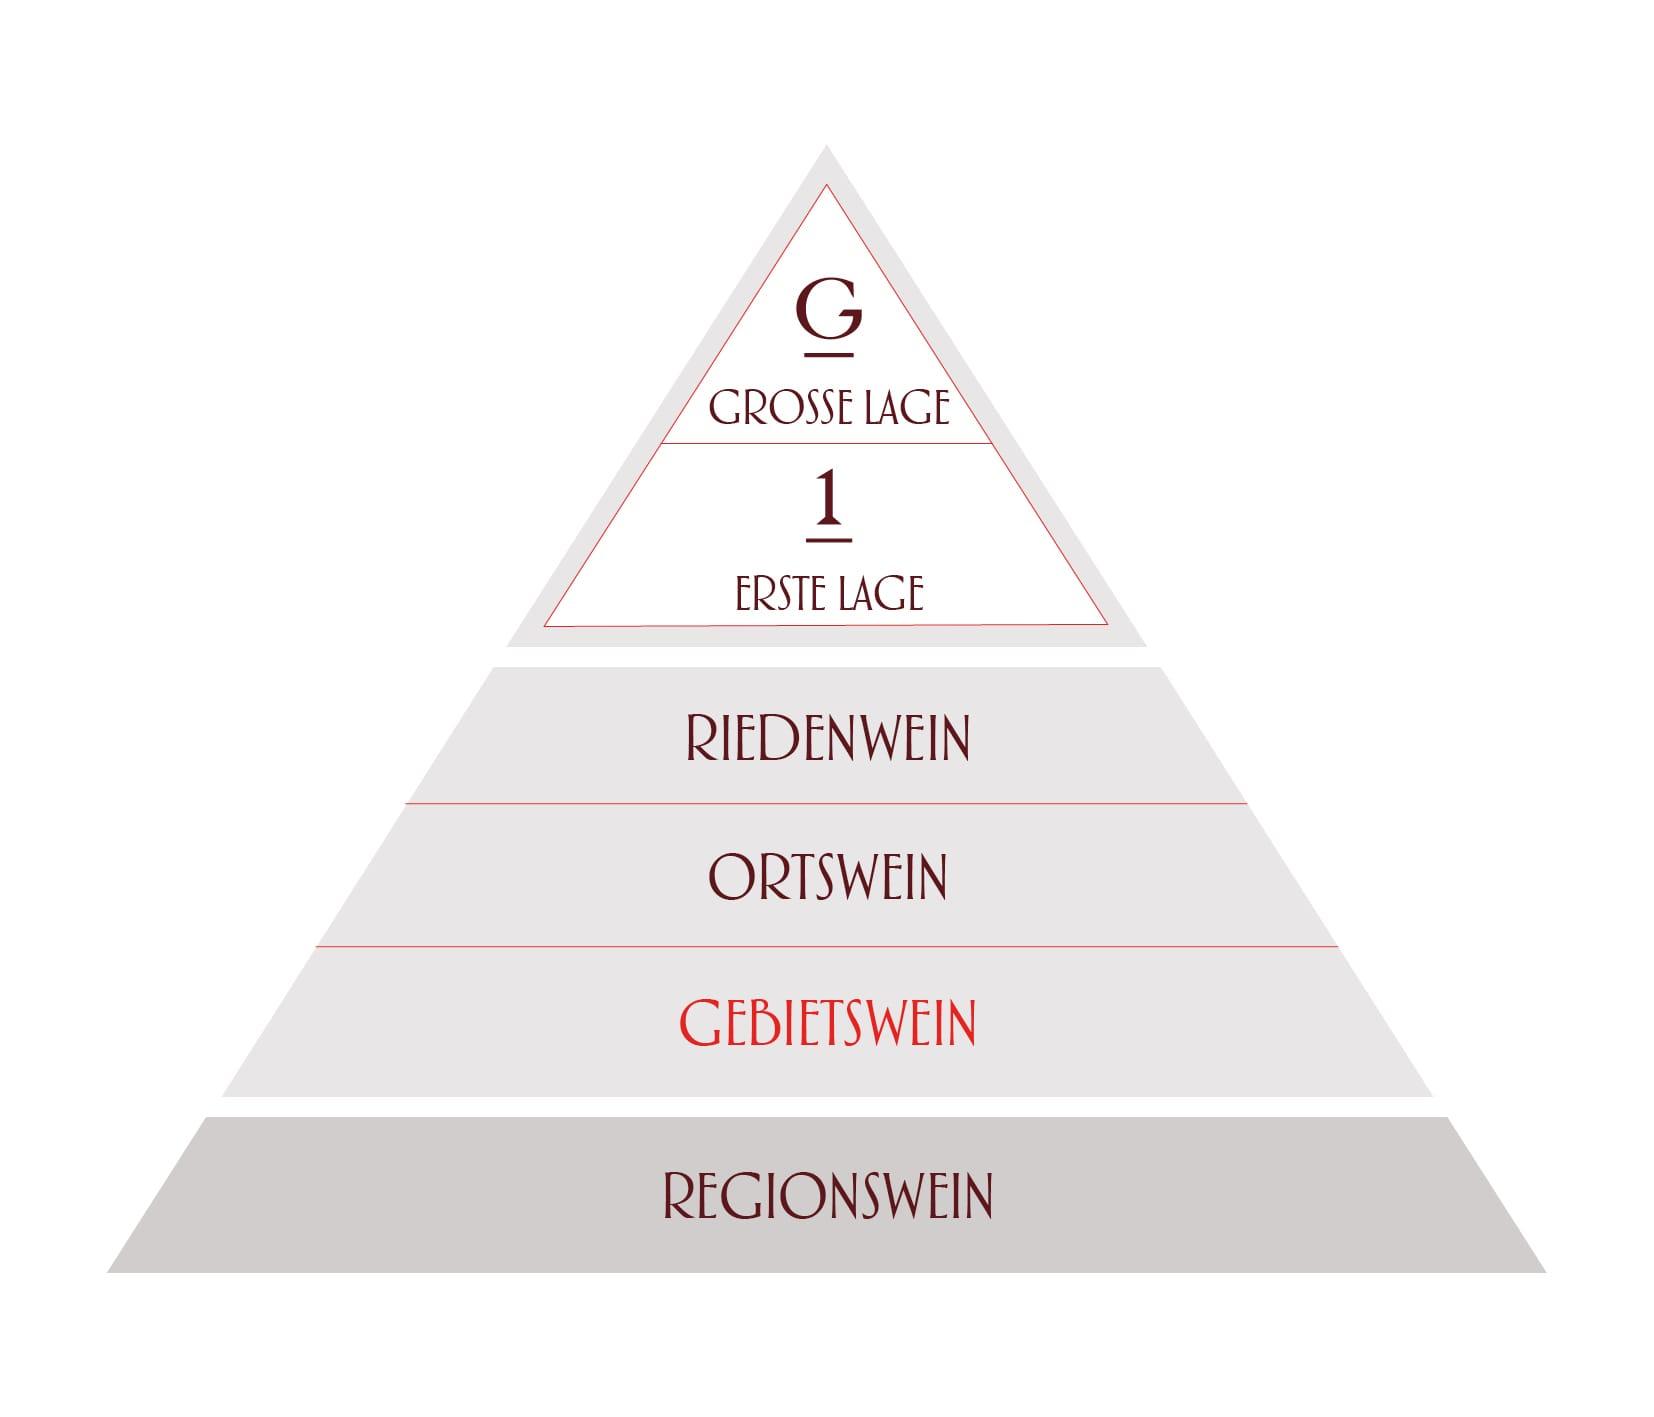 5 Gebiets